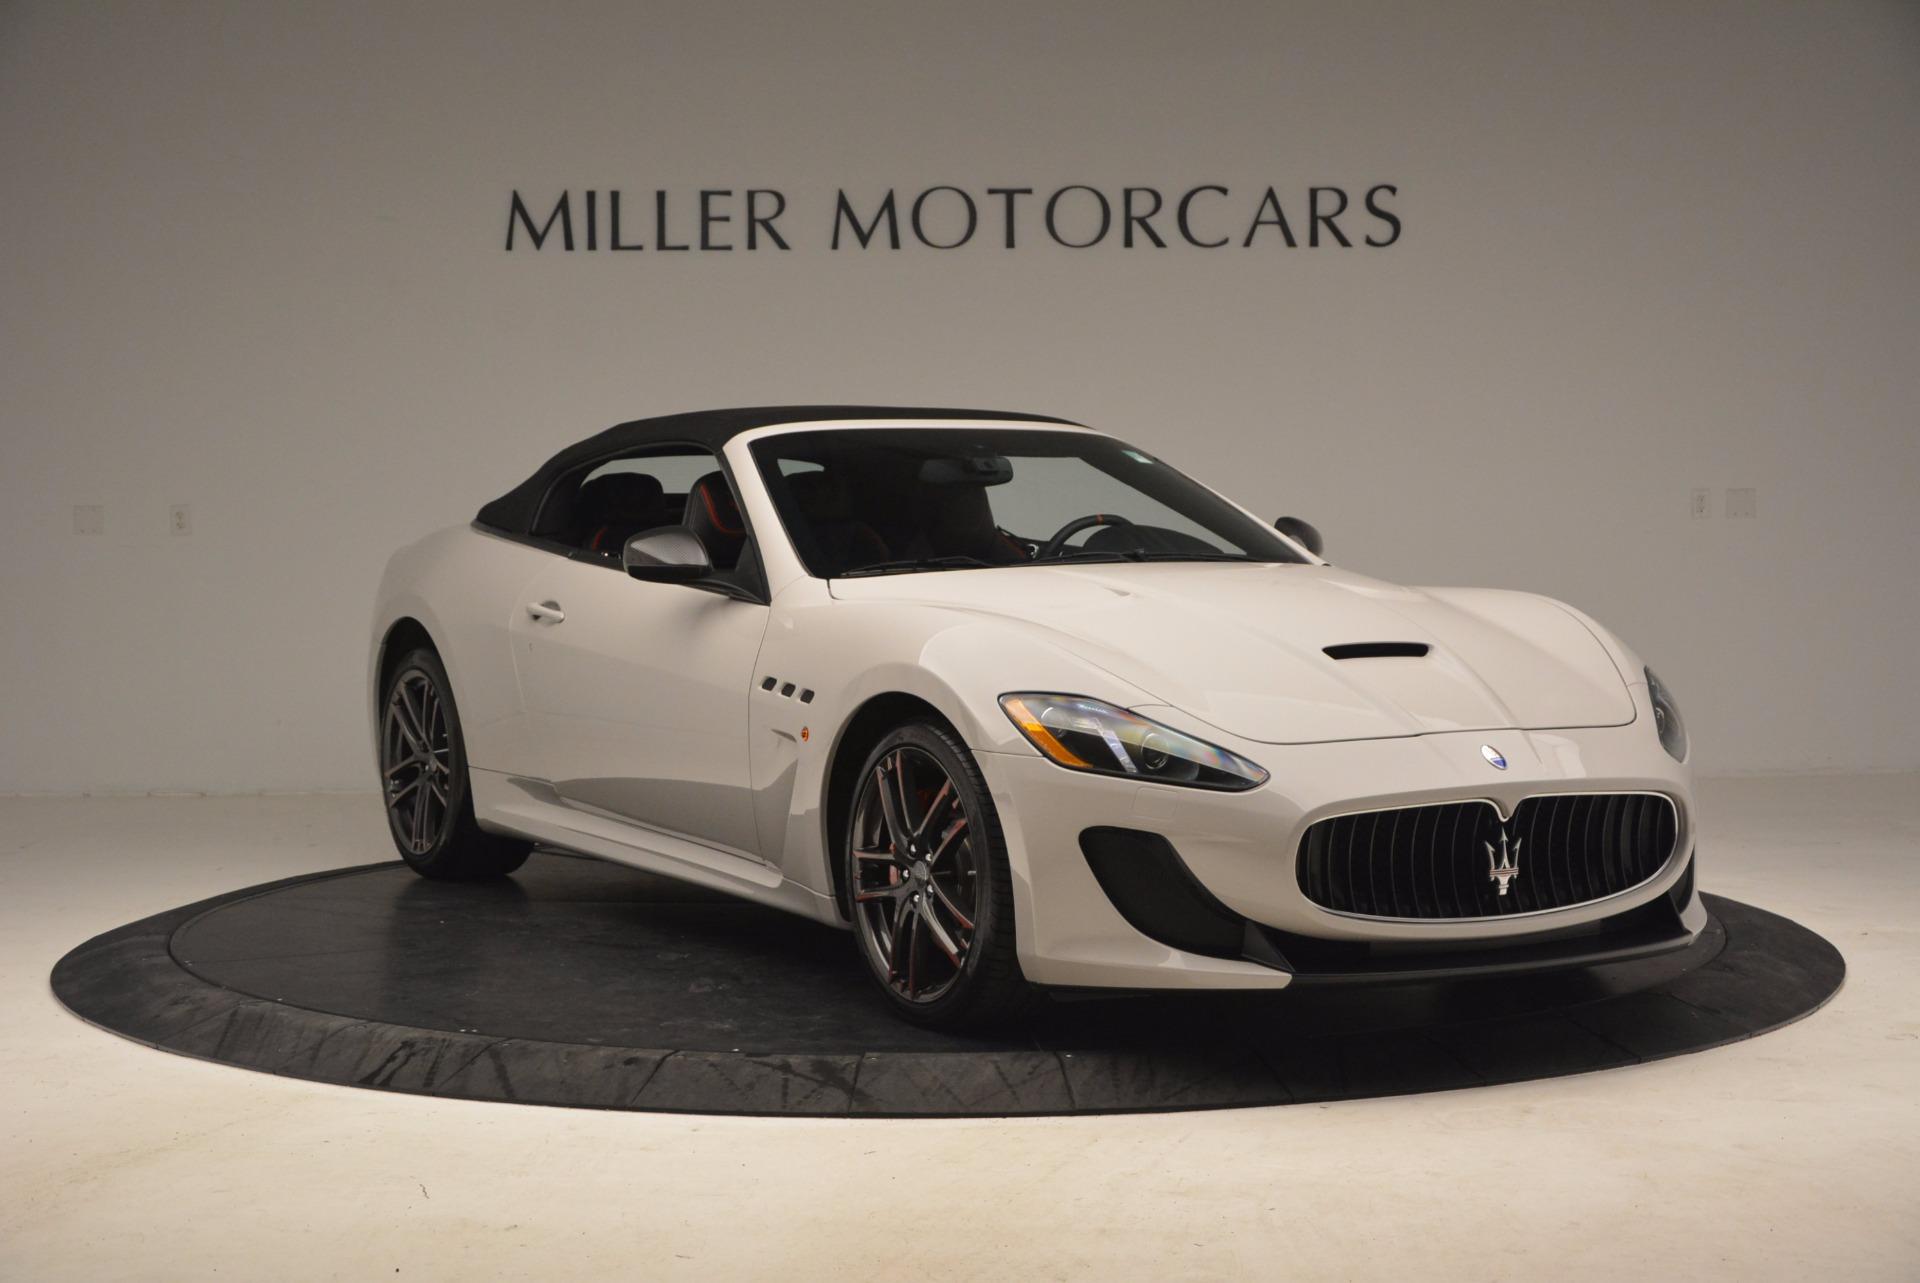 Used 2015 Maserati GranTurismo MC Centennial For Sale In Greenwich, CT. Alfa Romeo of Greenwich, 7187 1107_p23